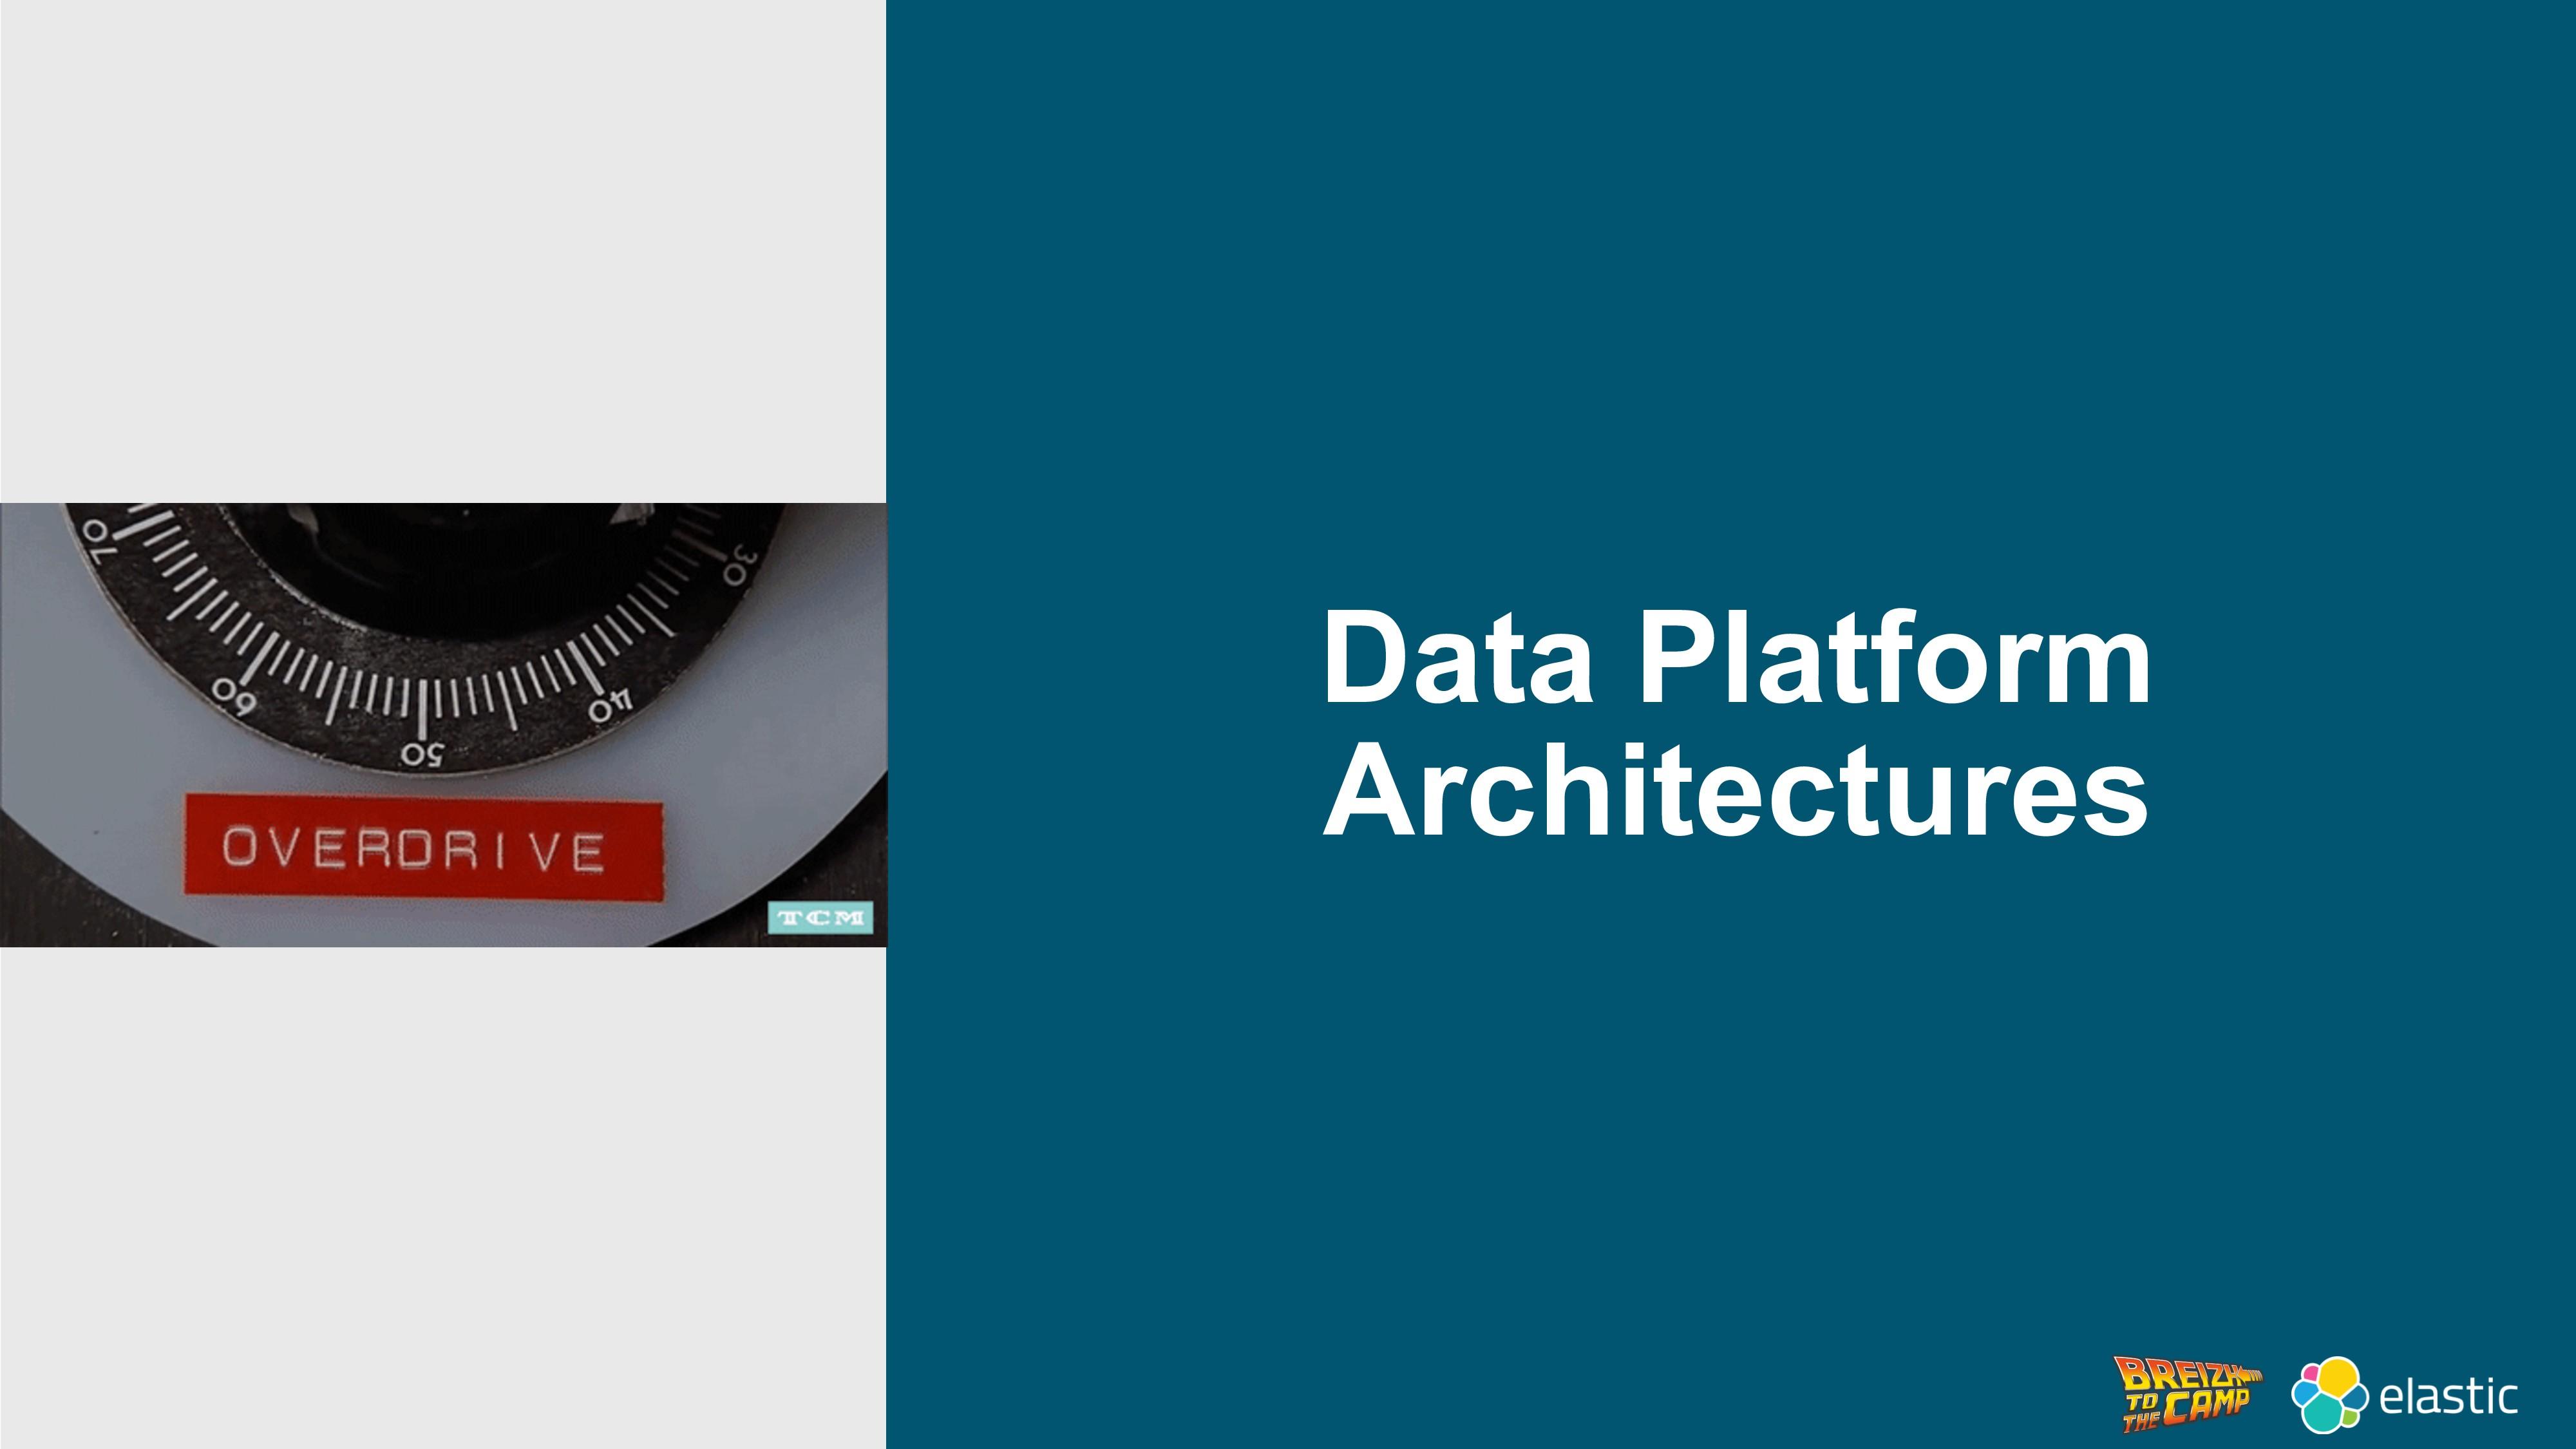 Data Platform Architectures